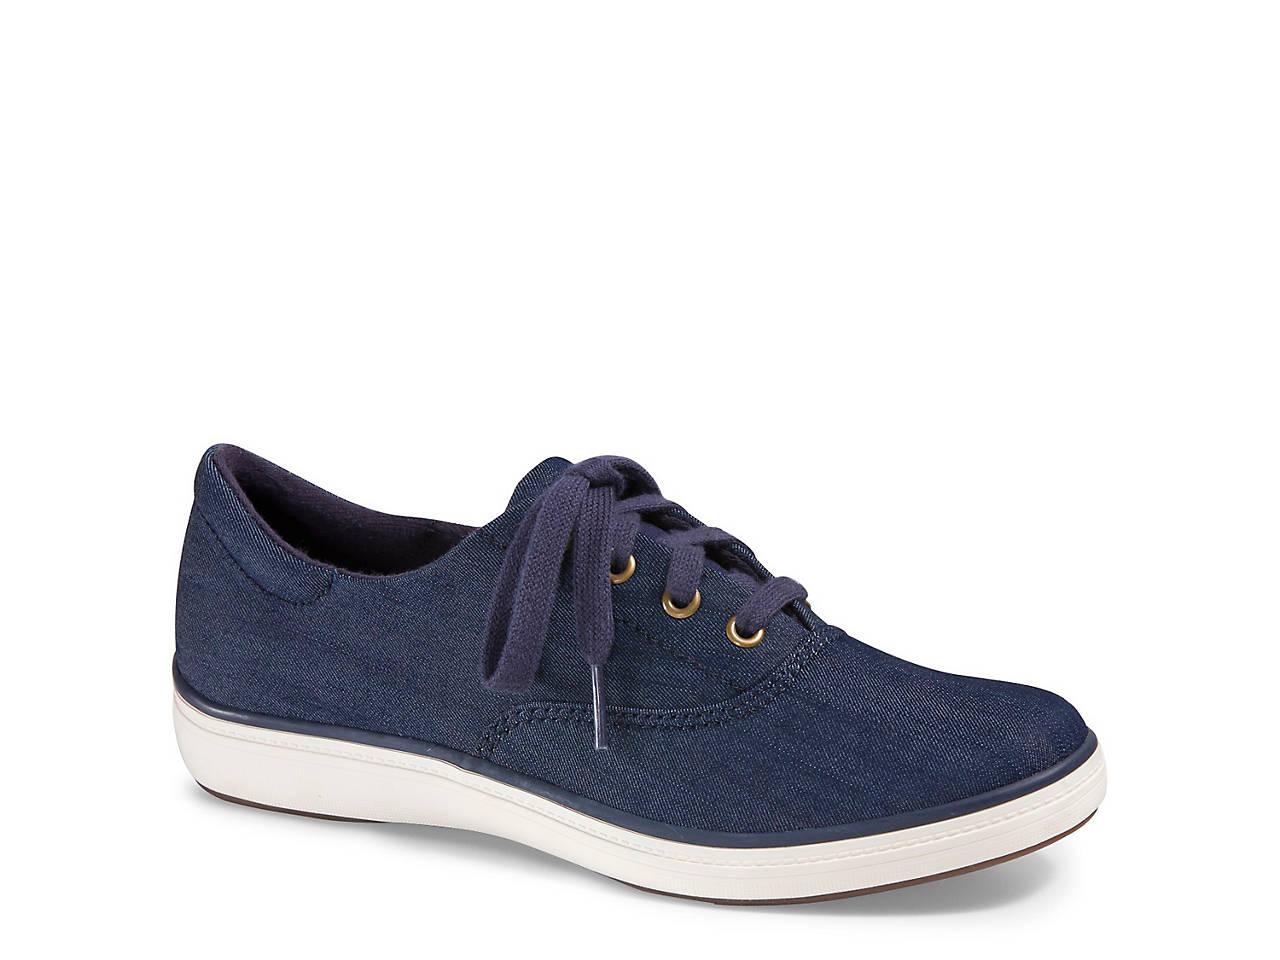 85c7e9dbc Grasshoppers Janey II Sport Sneaker Women s Shoes